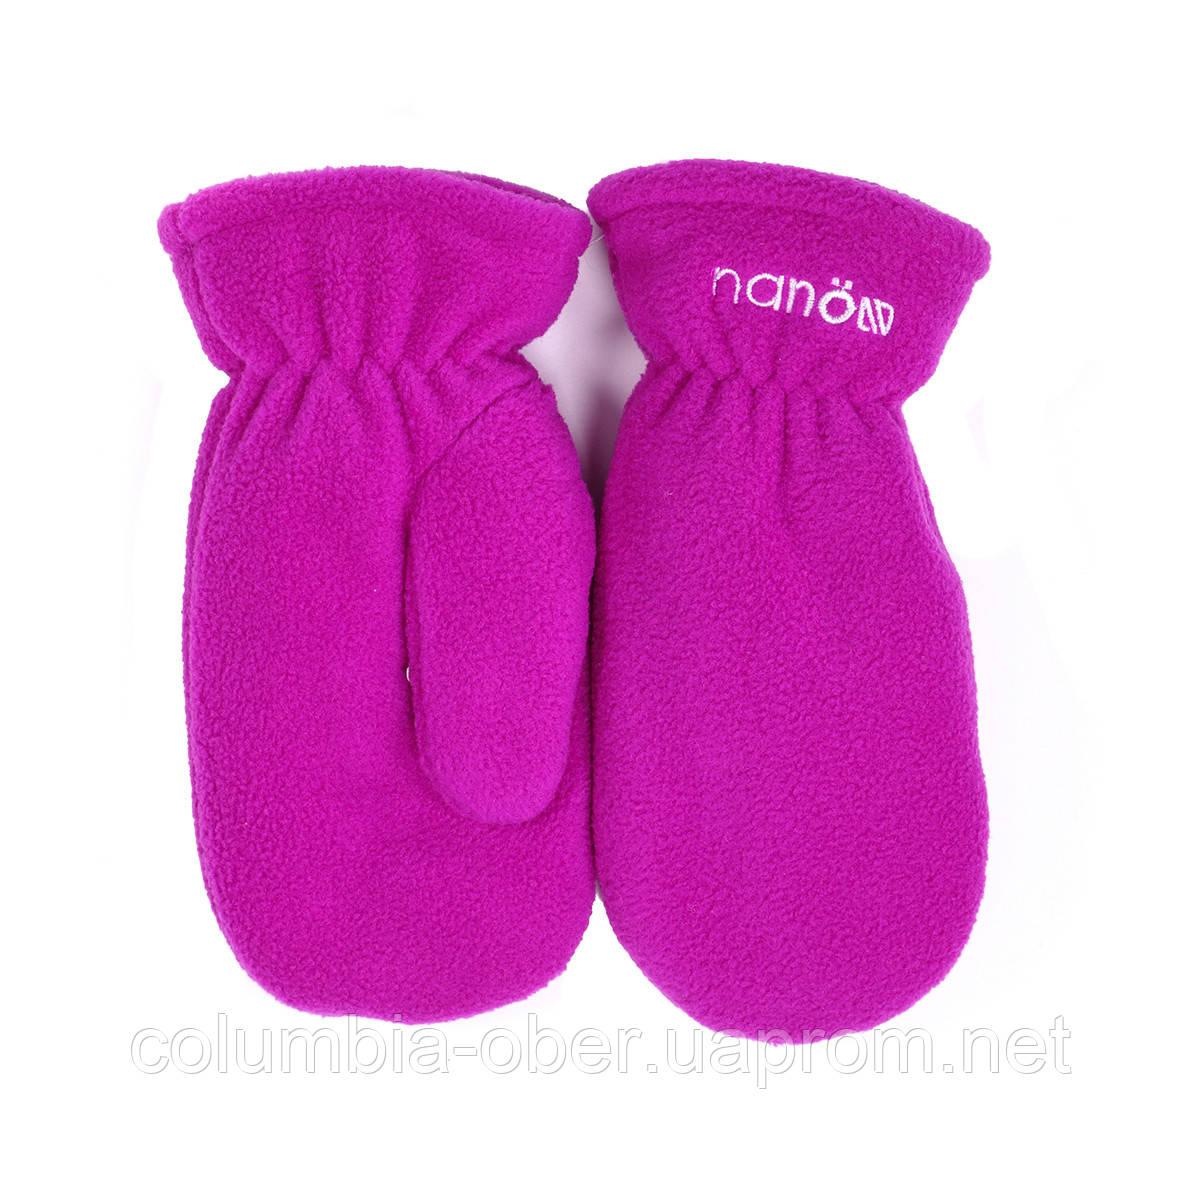 Зимние флисовые рукавицы для девочки Nano 500 MITP F16. Размер 12/24 мес -10/12.